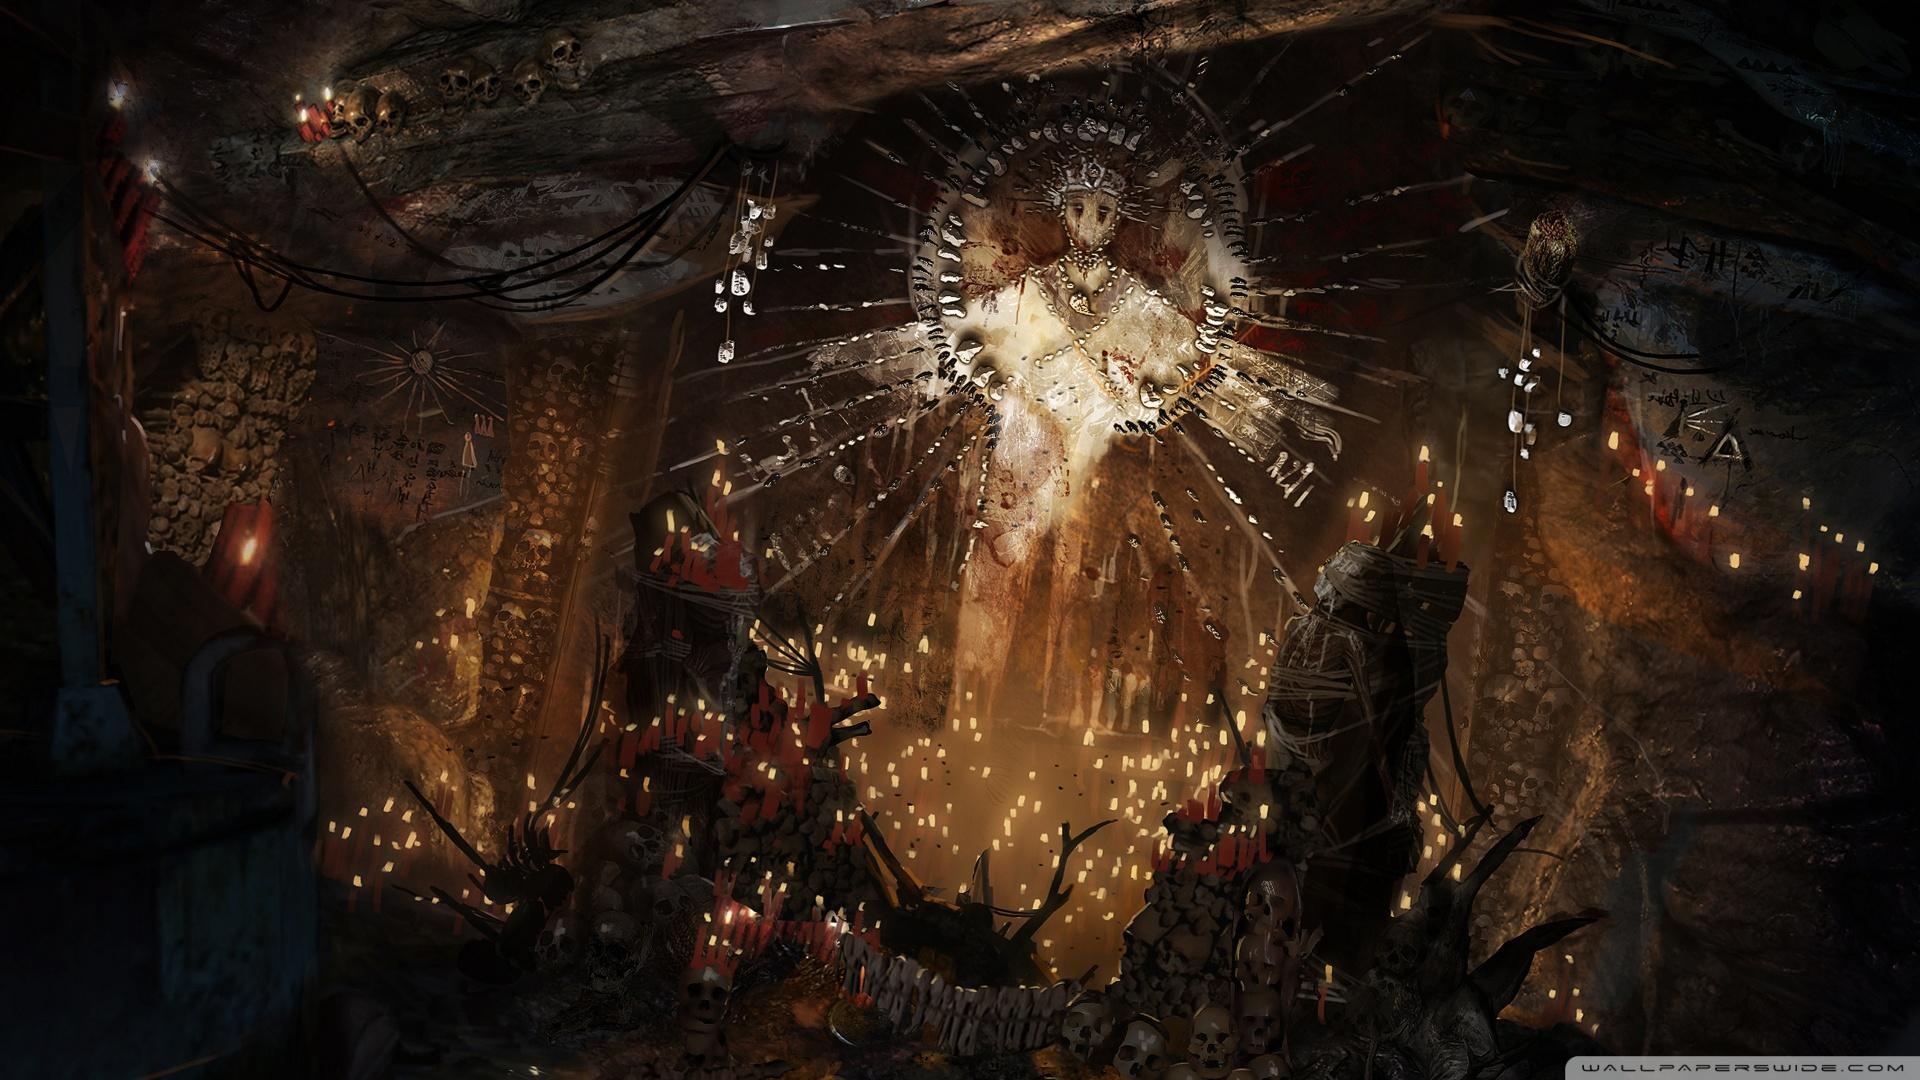 Tomb Raider Sacrifice Altar Wallpaper 1920x1080 Tomb Raider 1920x1080